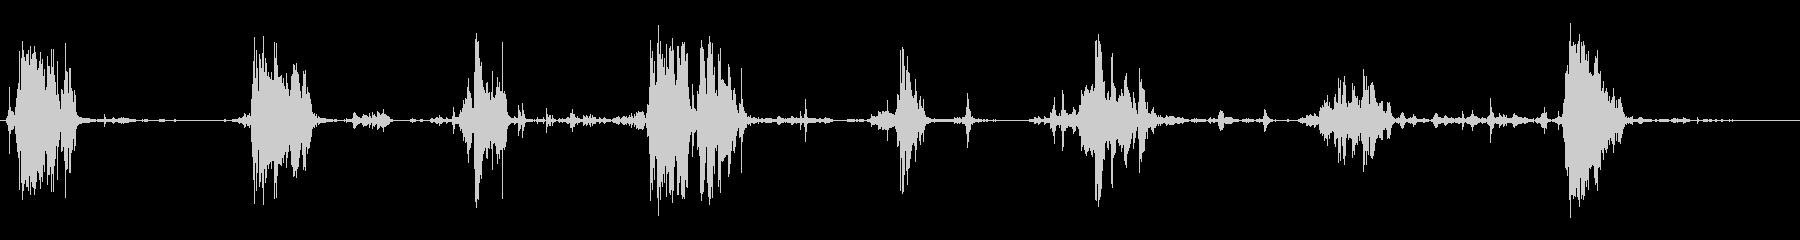 食べる音11(ポテトチップスなど)の未再生の波形